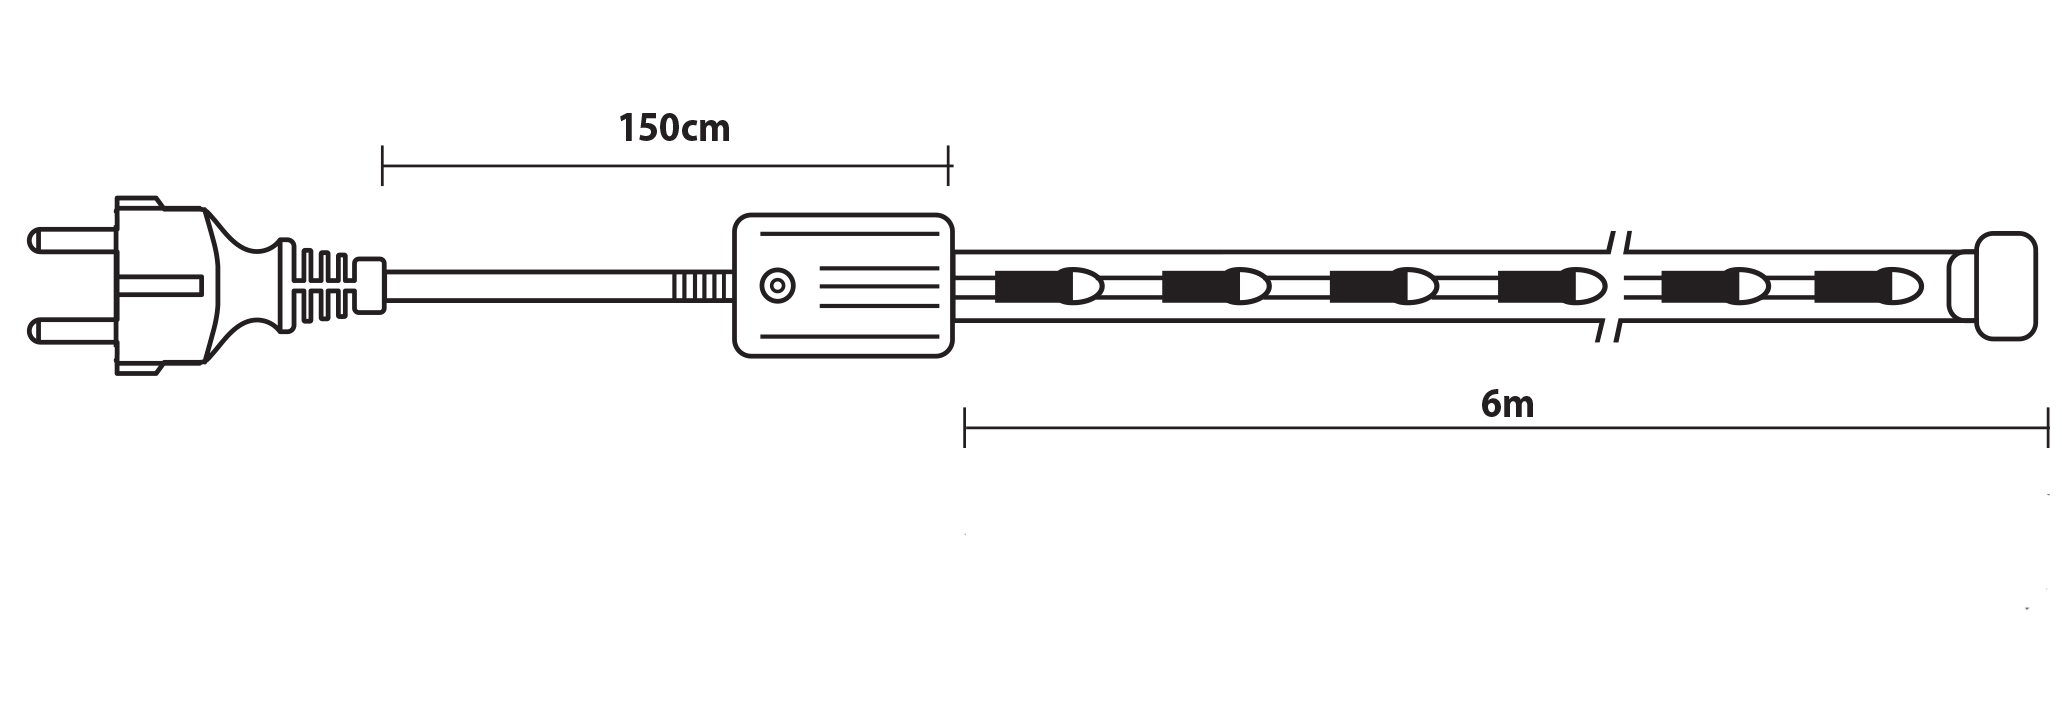 Gs Μπλέ Φωτοσωλήνας Με Πρόγραμμα ,6 Μέτρα ,Ø13mm - 3w